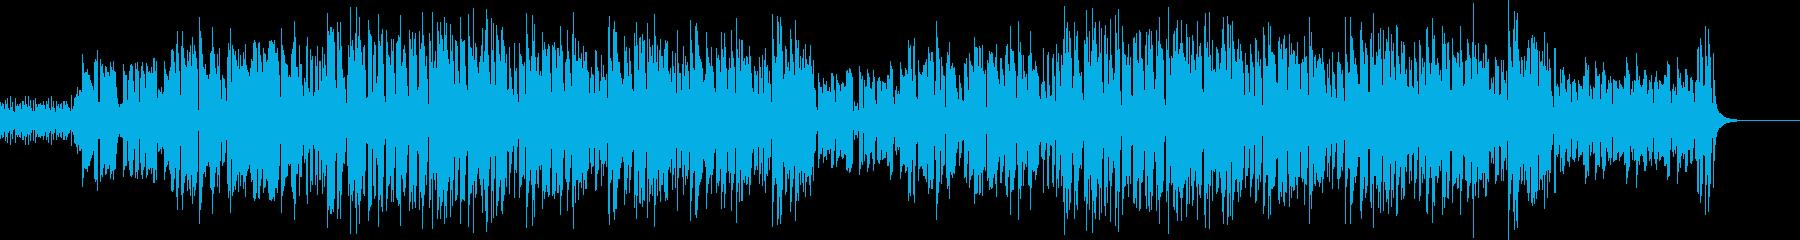 昭和歌謡風ポップス コミカルで元気 フルの再生済みの波形